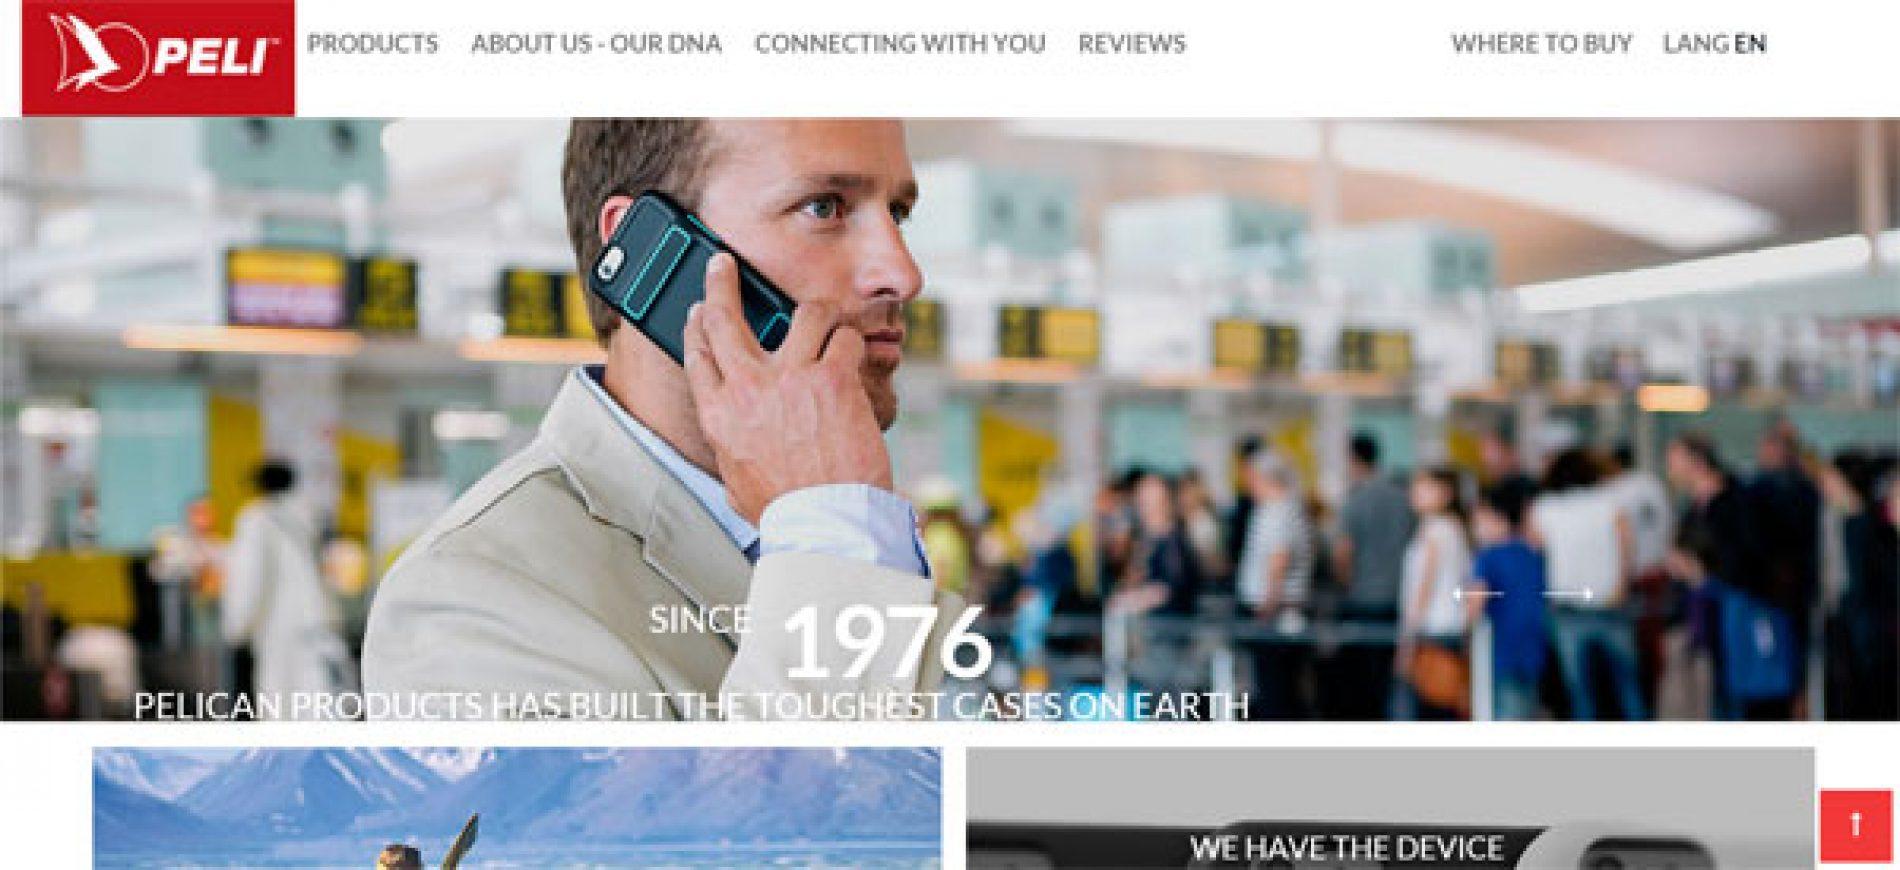 Peli presenta un nuevo sitio web con una innovadora gama de productos